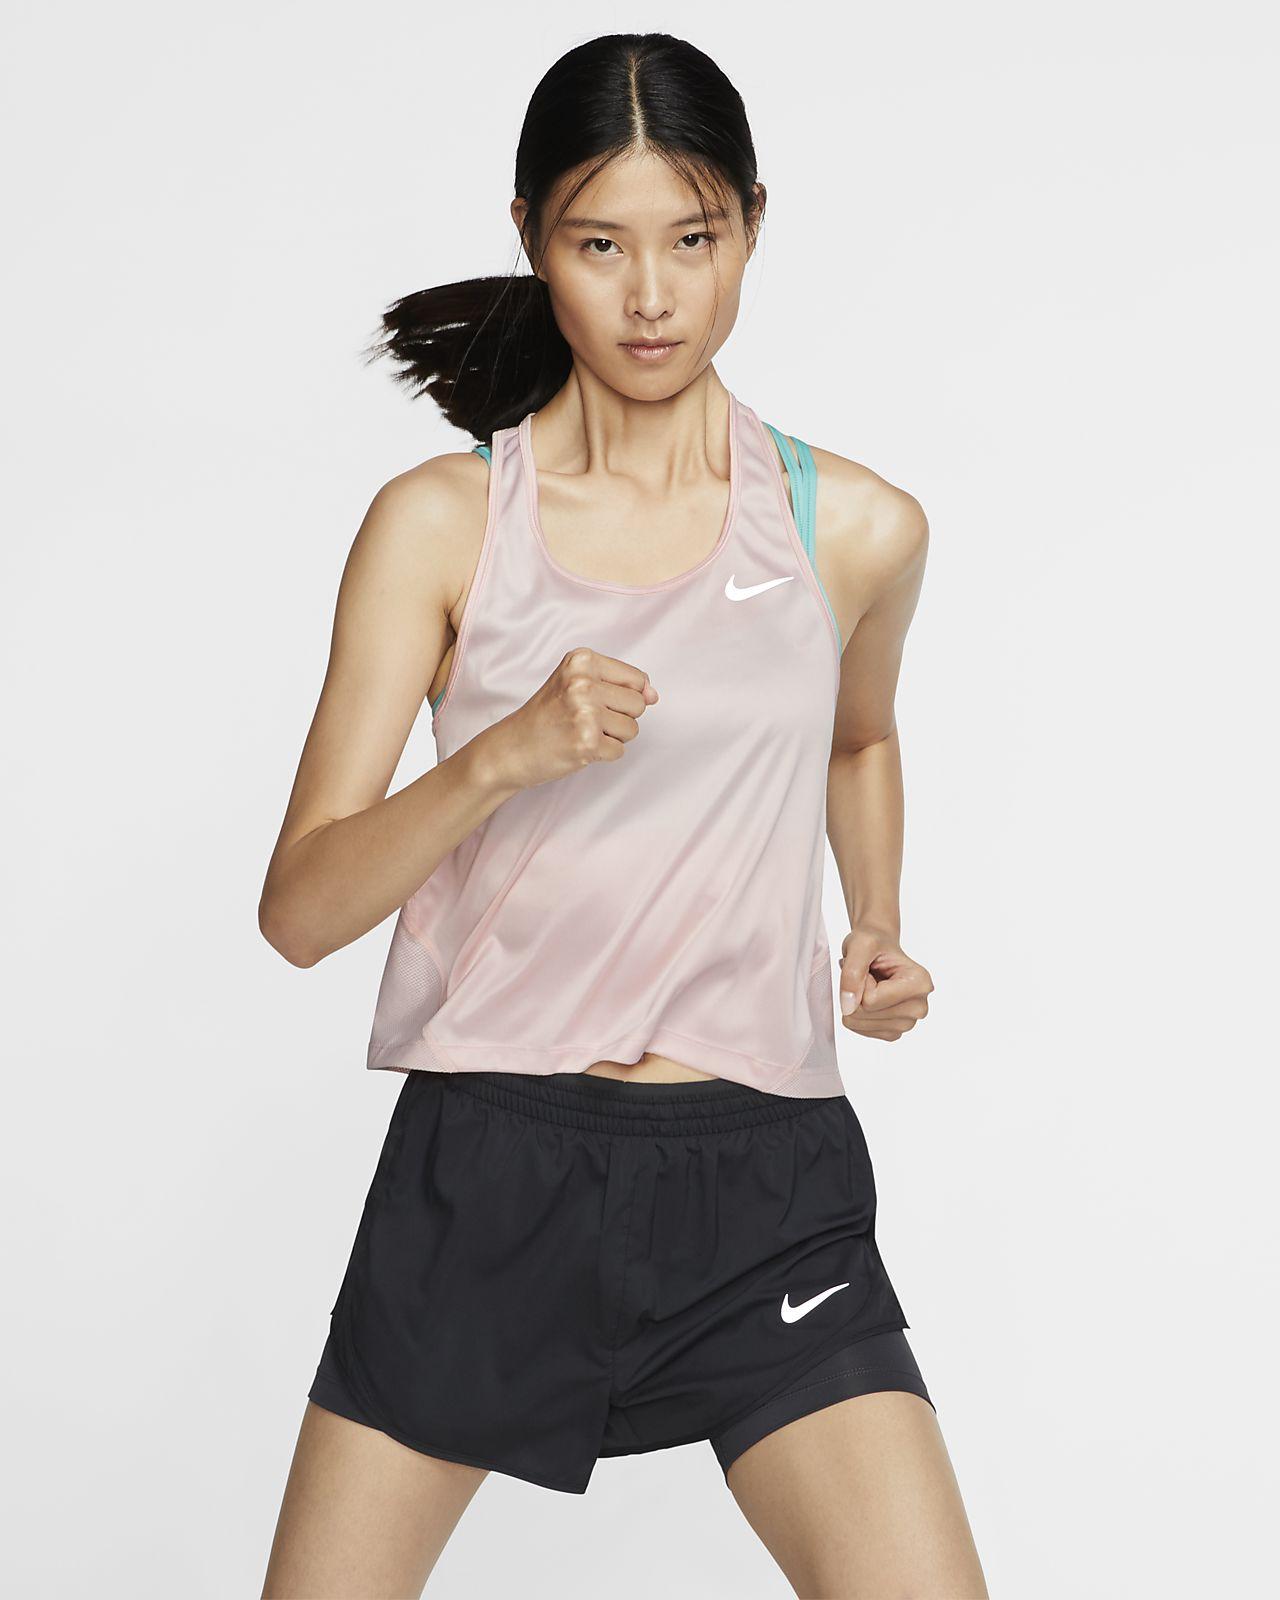 เสื้อกล้ามวิ่งผู้หญิง Nike Miler